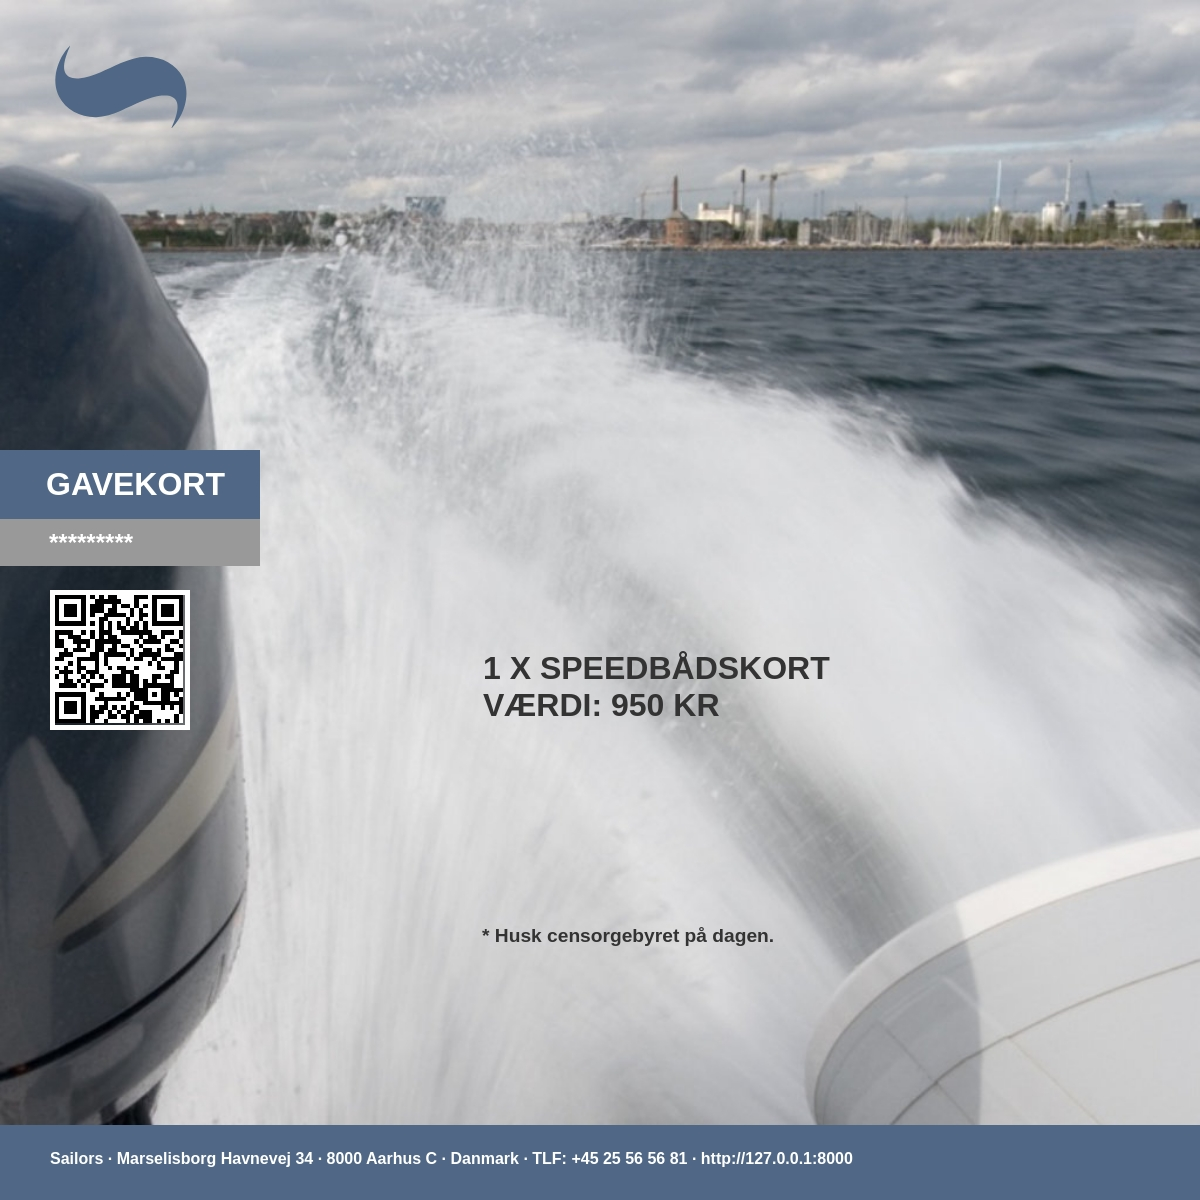 Gaven til en god oplevelse, hvor du lærer at sejle en speedbåd, og basic navigation. En rigtig god start før vandscooterbeviset. For at få et duelighedsbevis skal du også have speedbådskørekort